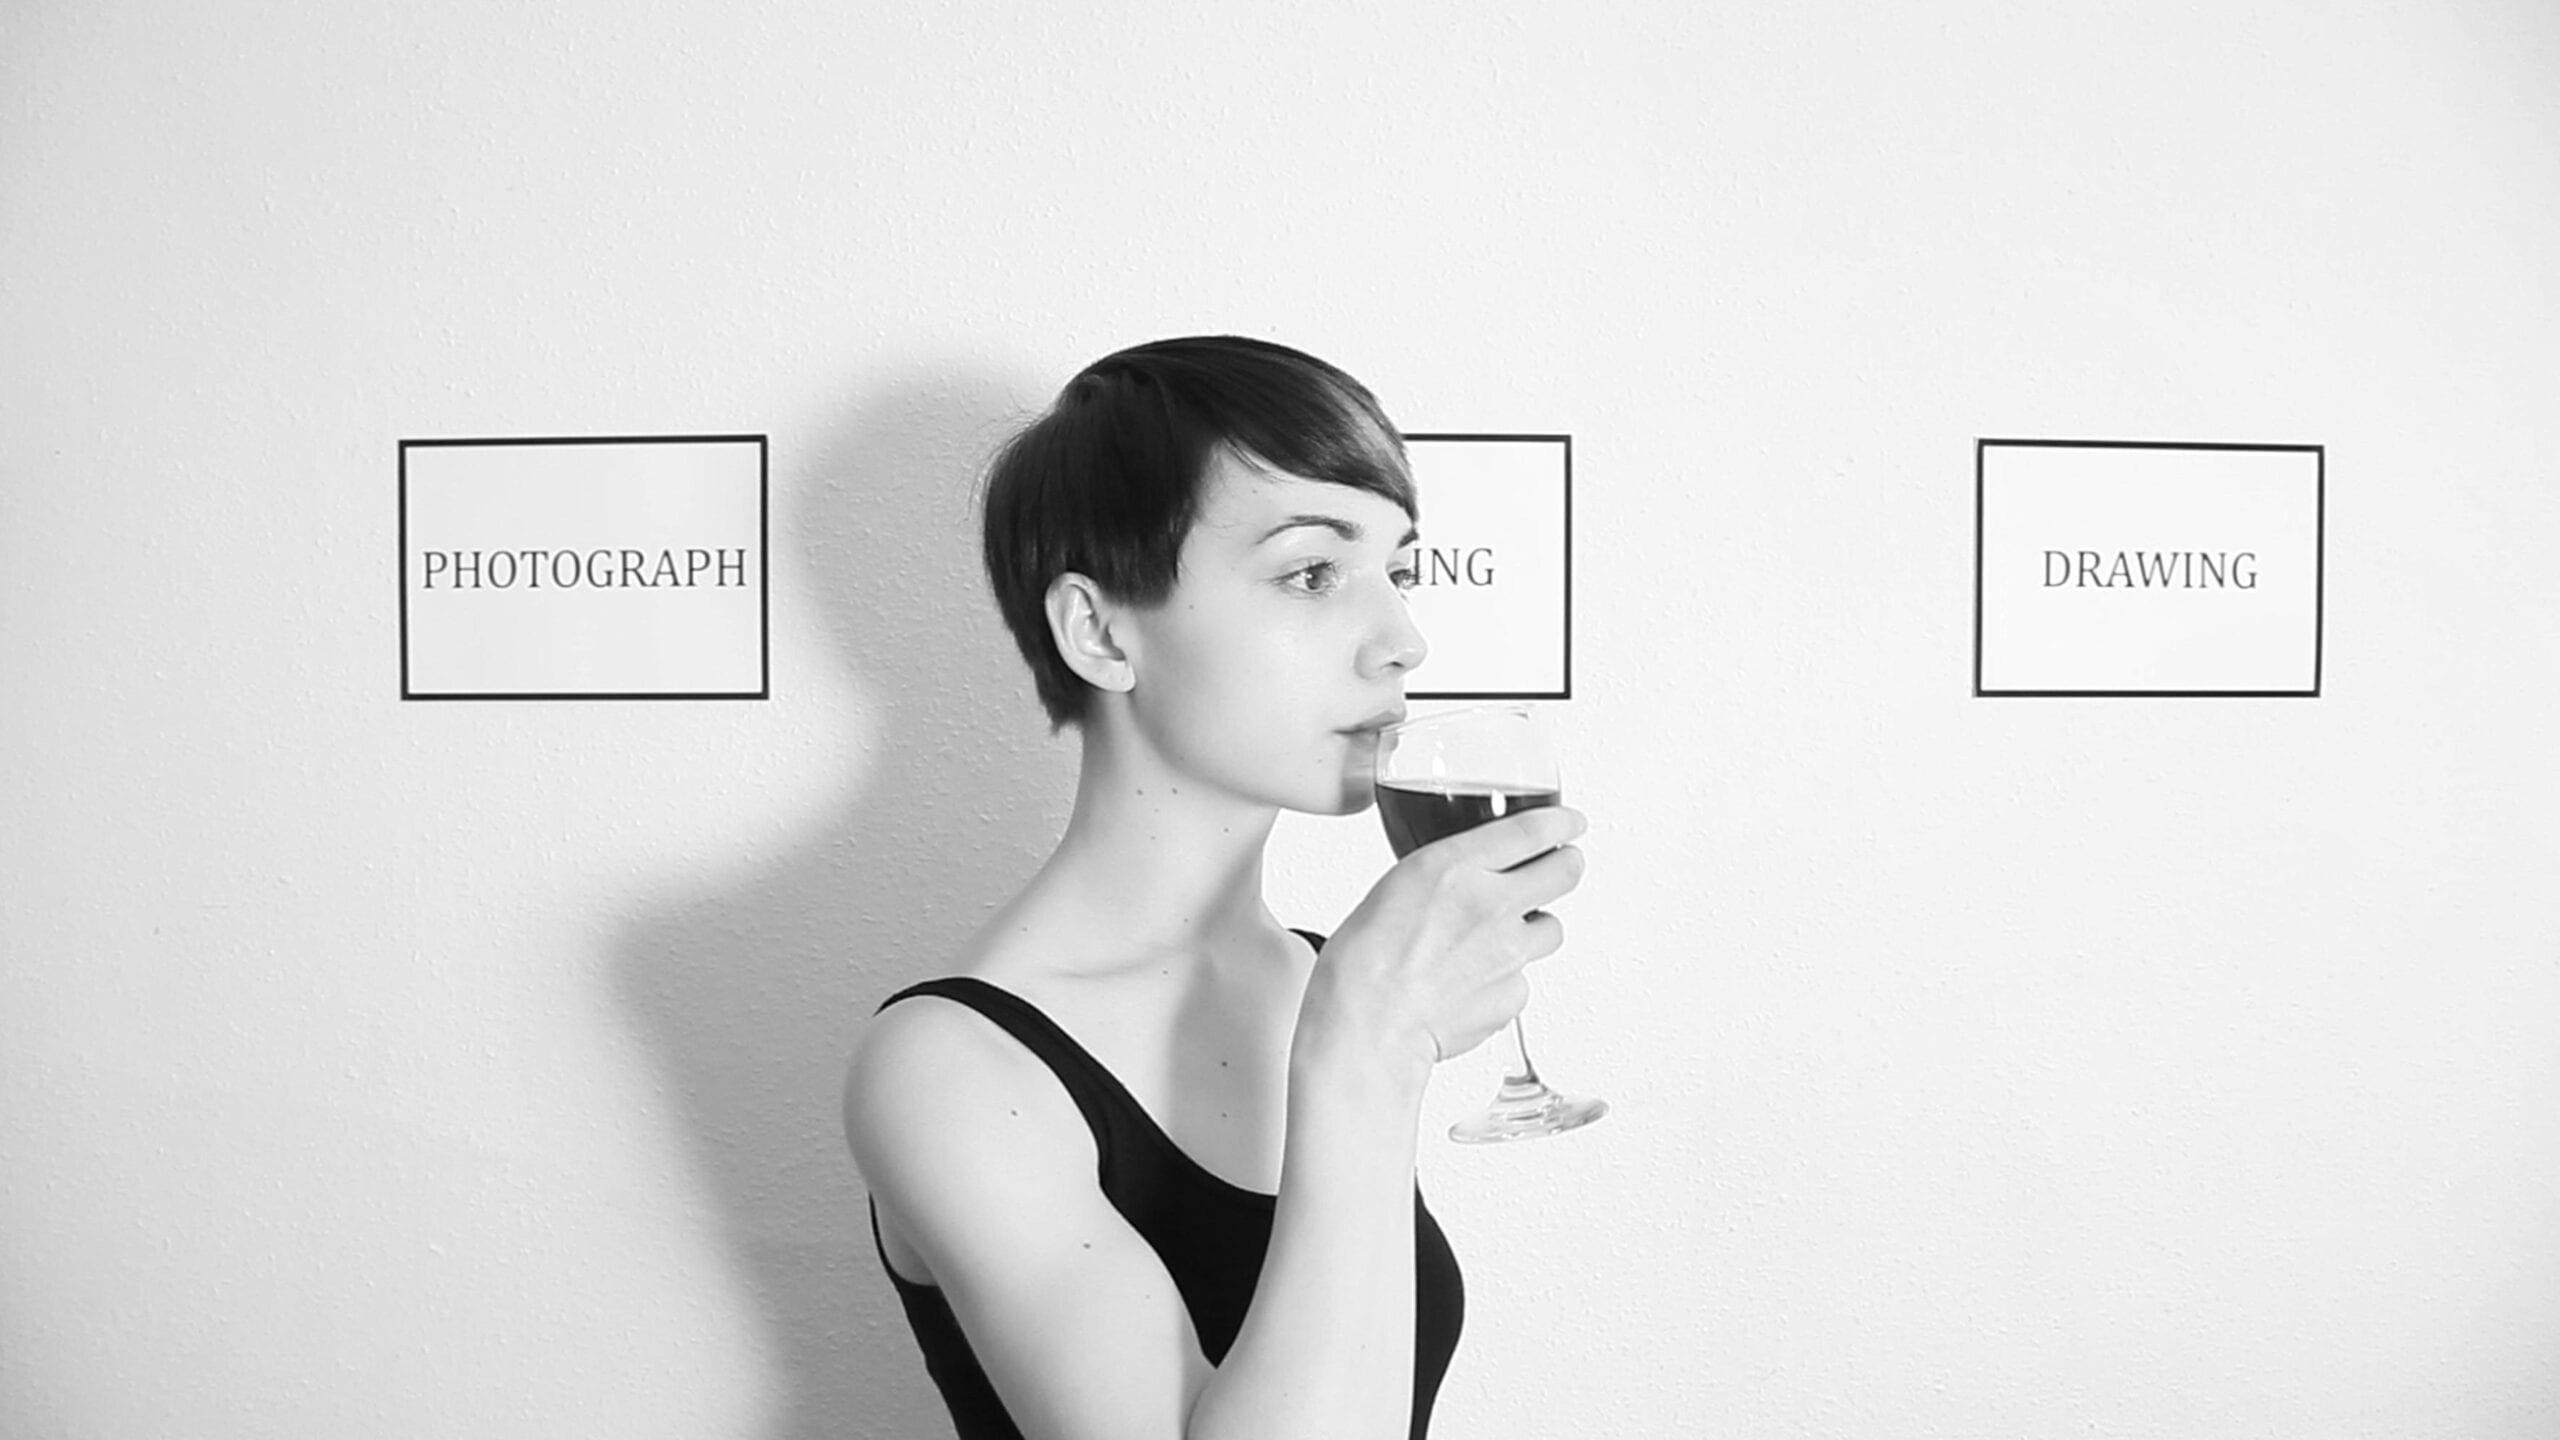 Лидия Кононенко стала победительницей конкурса «Искусство нейробиологии»